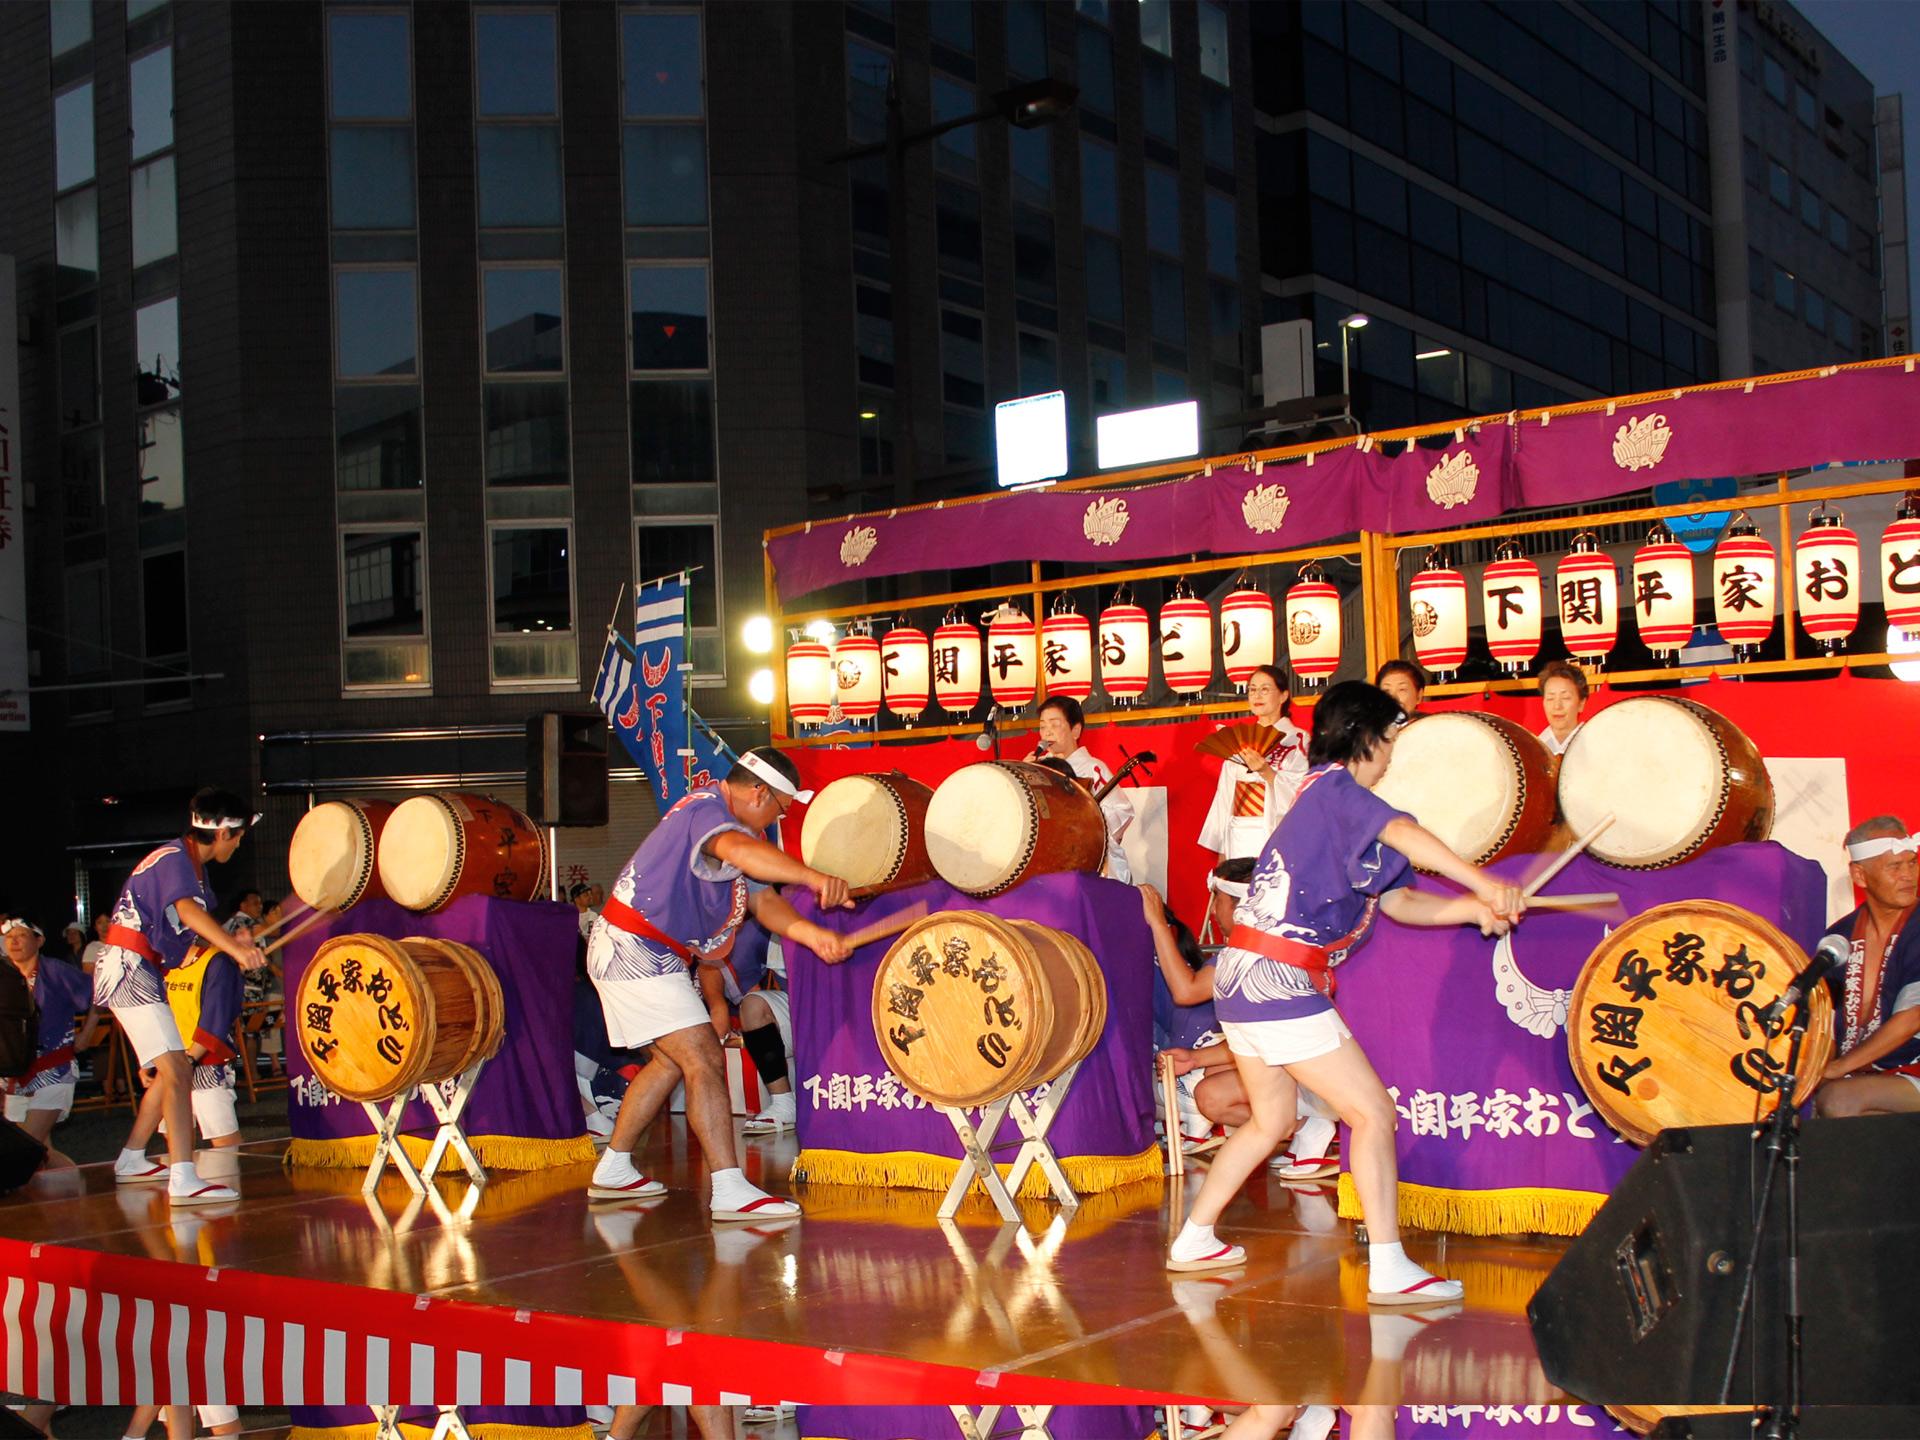 下関市の夏のフィナーレ「馬関まつり」